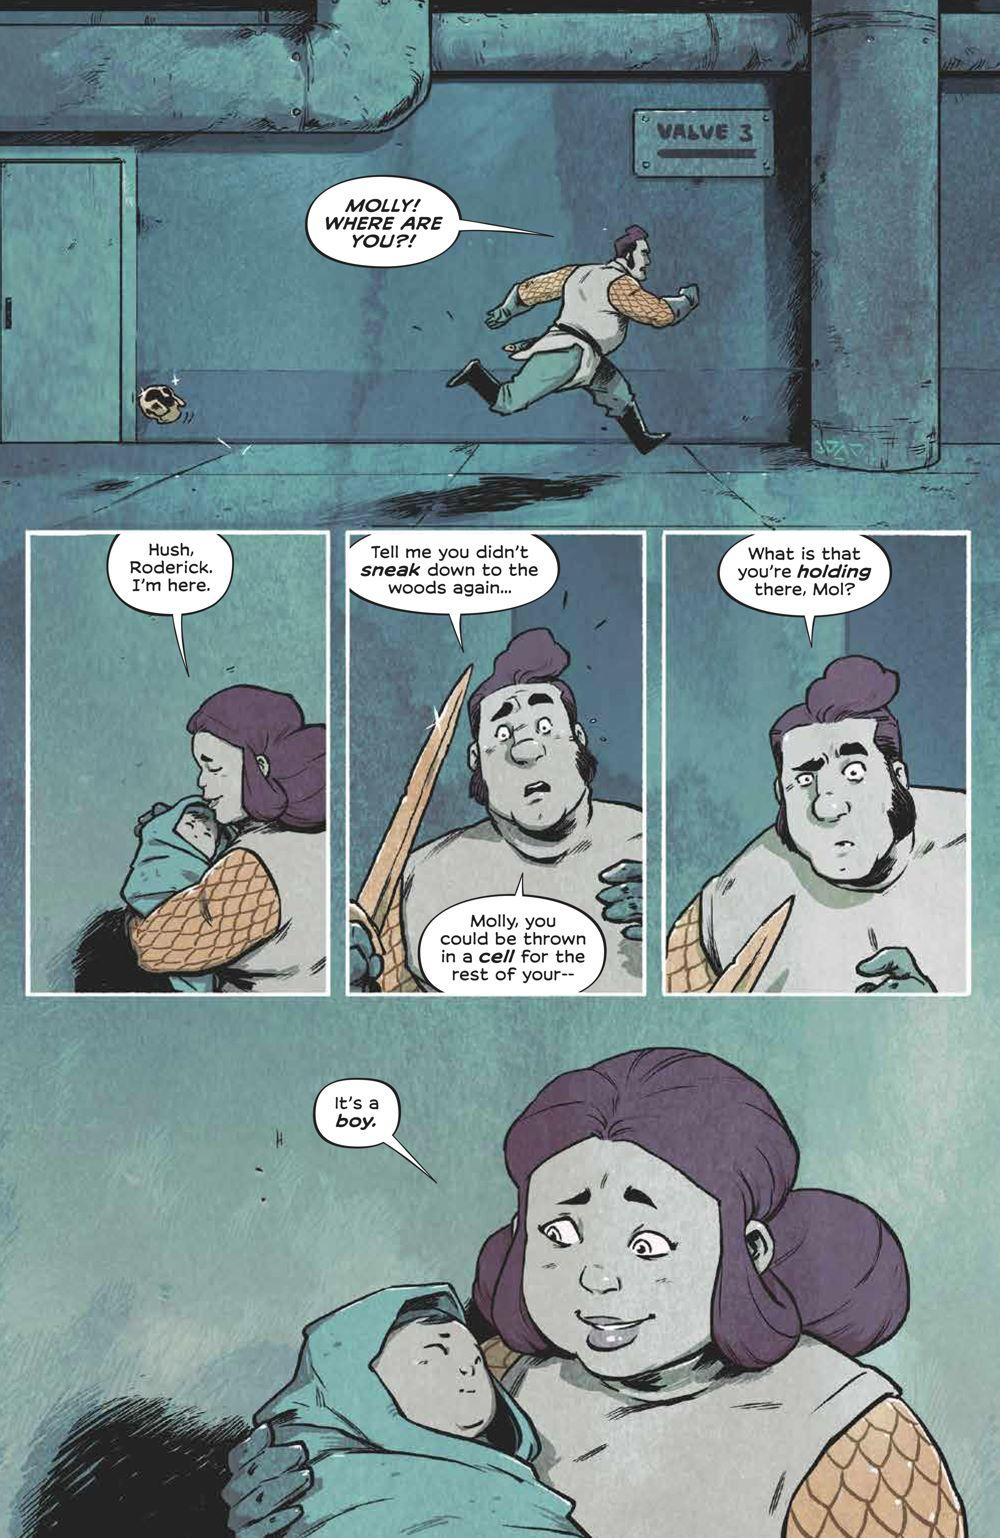 Wynd_006_PRESS_4 ComicList Previews: WYND #6 (OF 5)